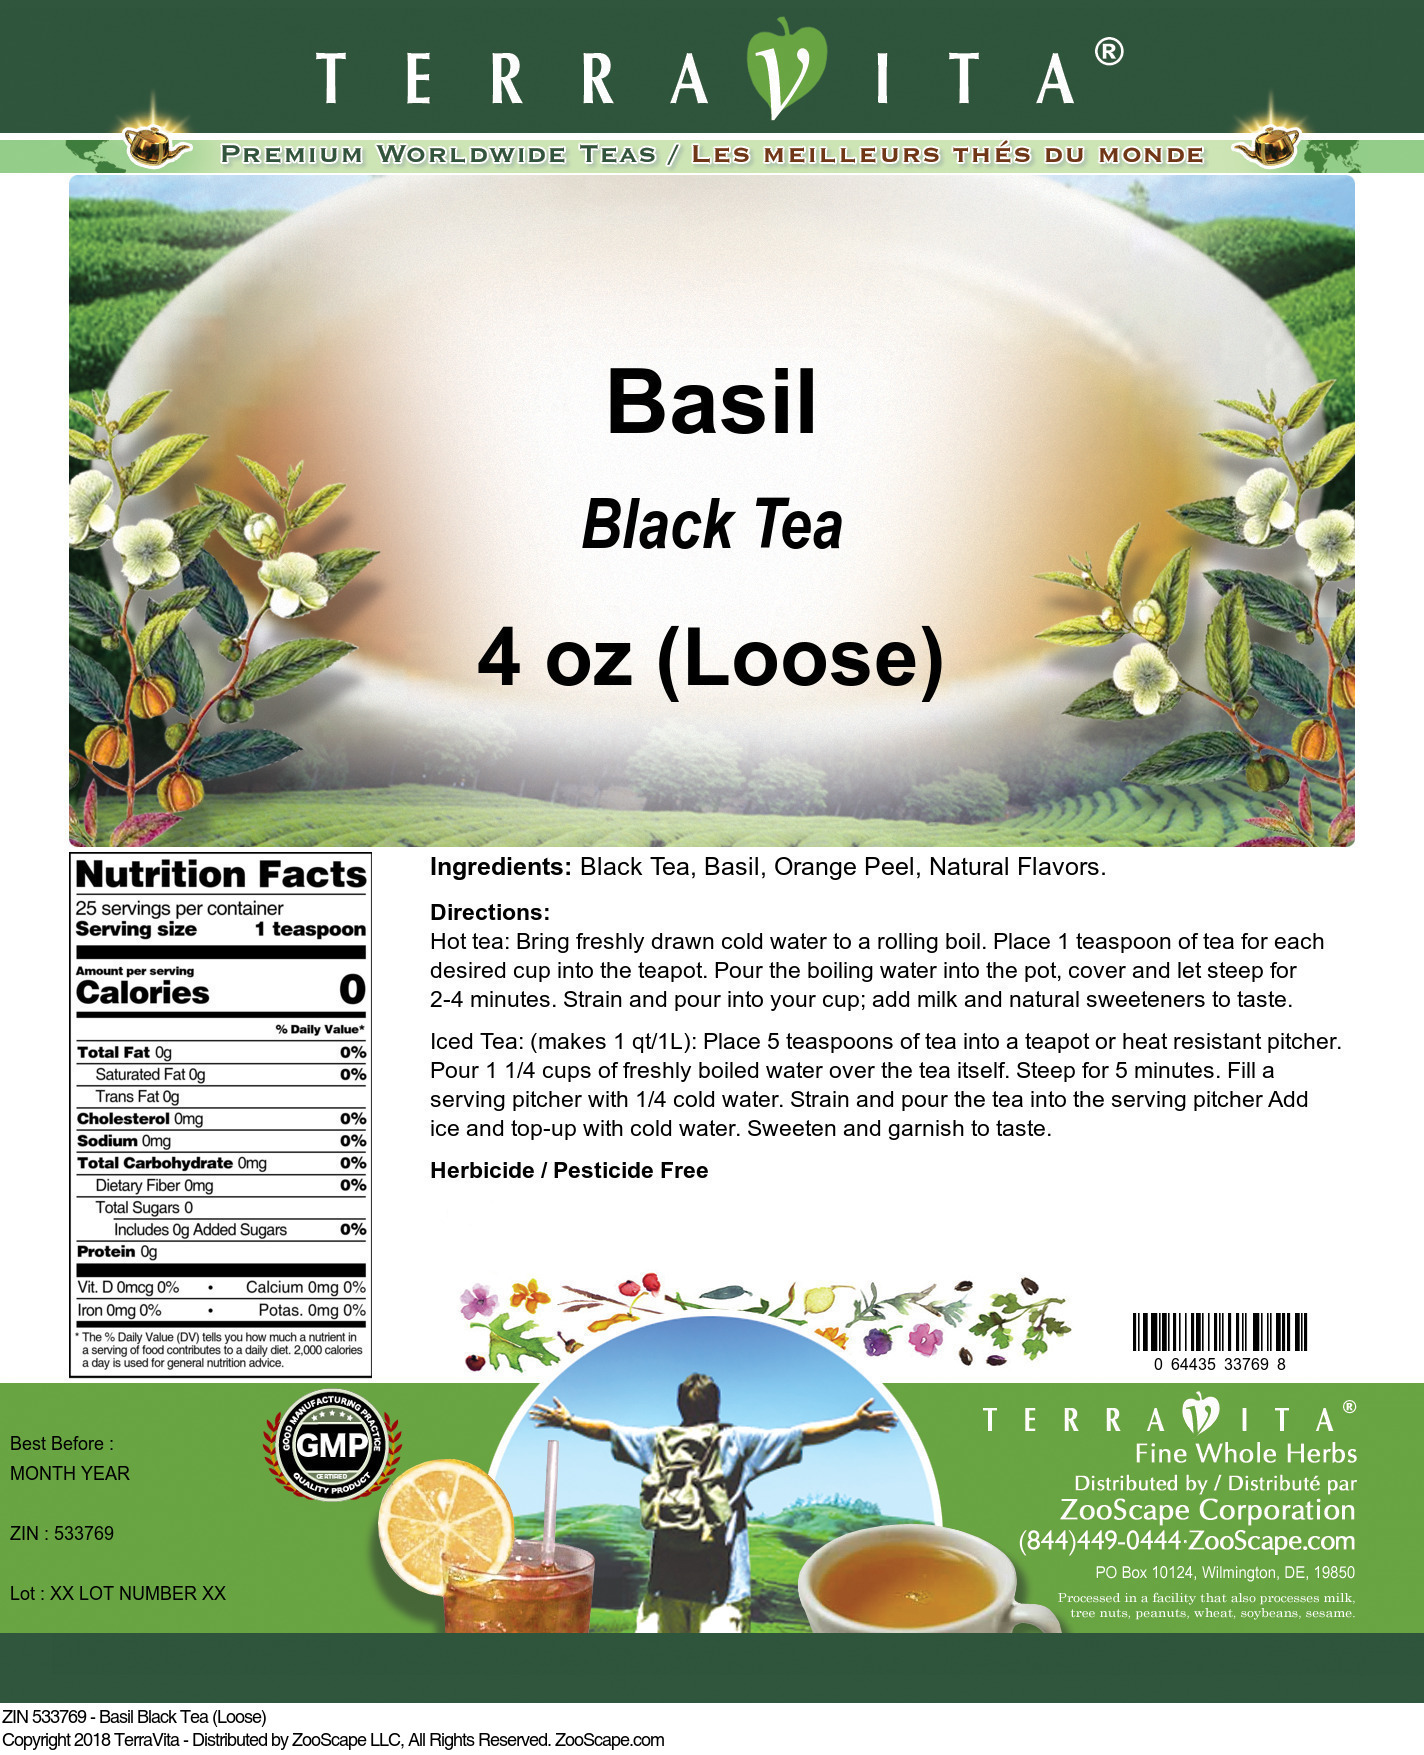 Basil Black Tea